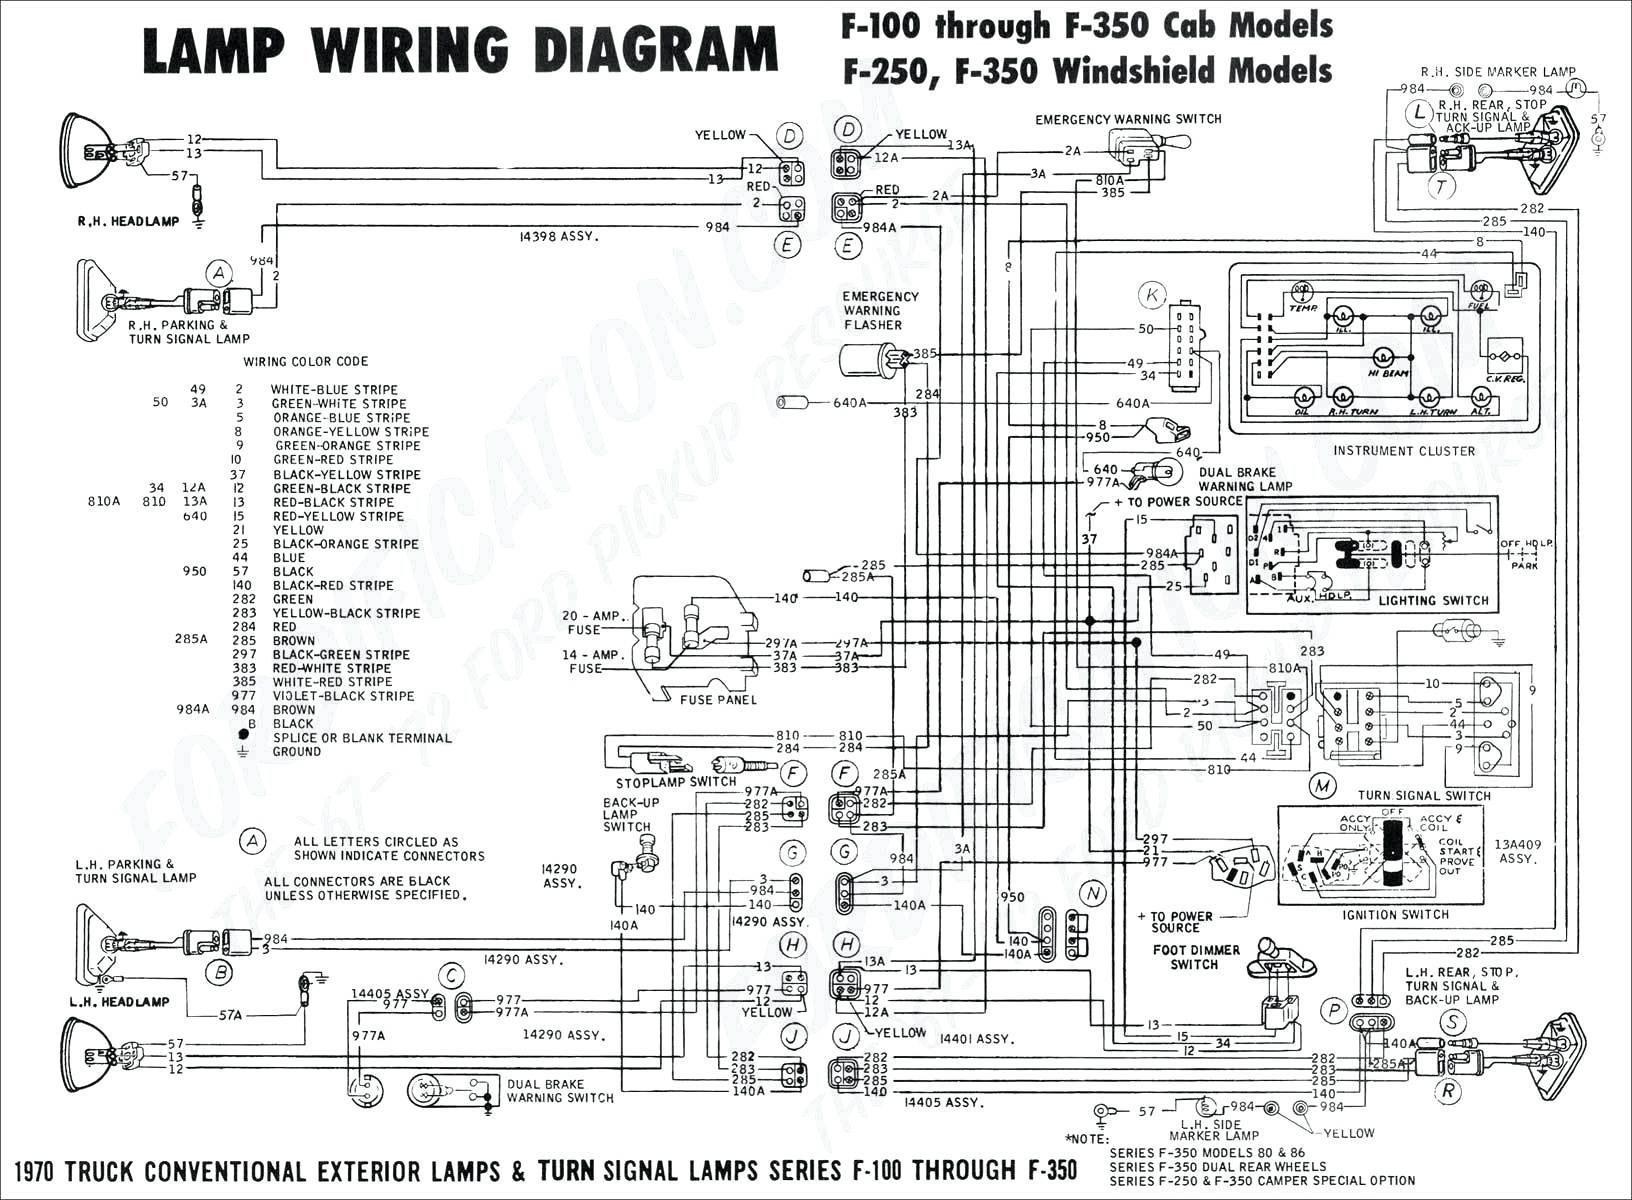 c6500 wiring schematic - toyota tundra trailer light wiring diagram for wiring  diagram schematics  jarwo-sopo-2.adateoriafemminista.it